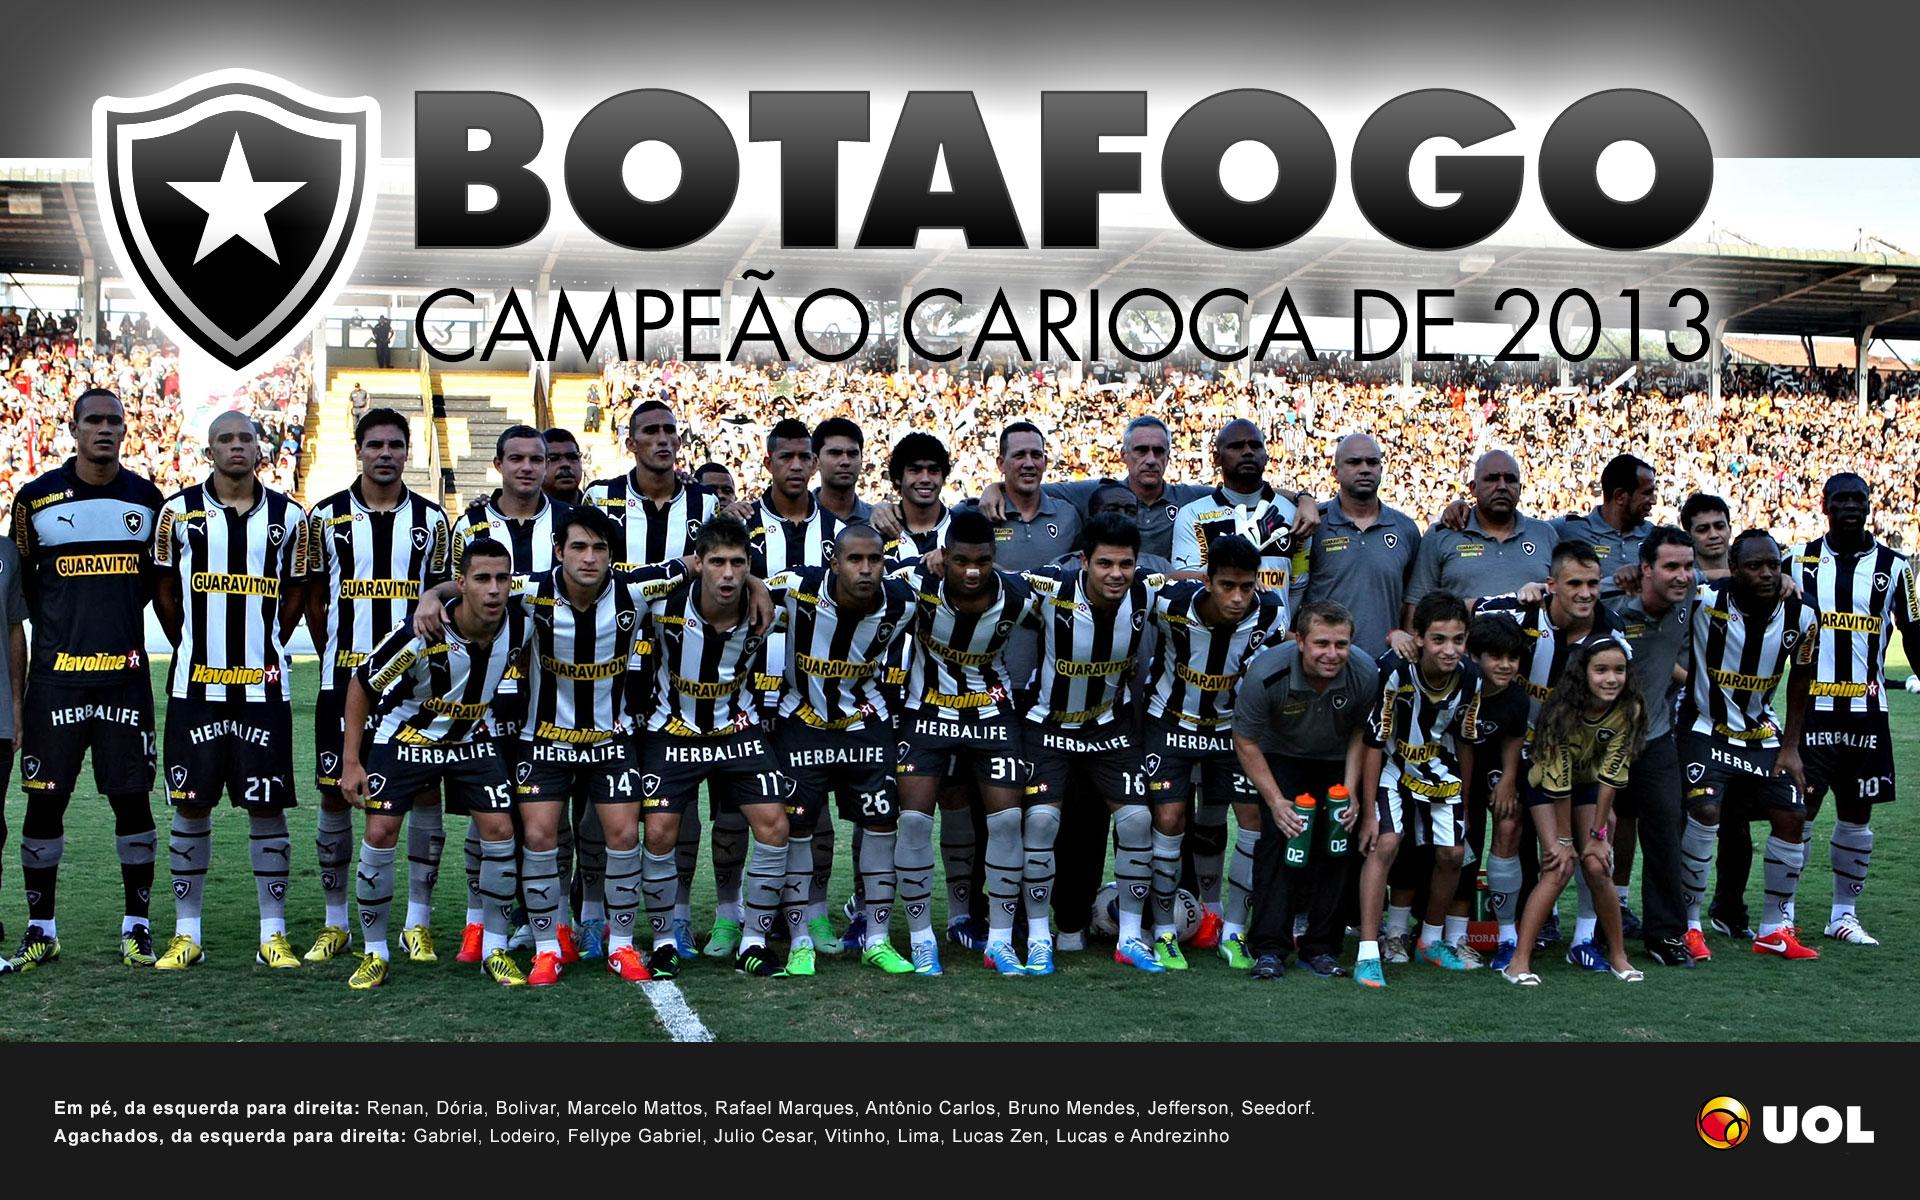 Botafogo  campeo do Estadual do Rio 2013  Psteres  UOL Esporte